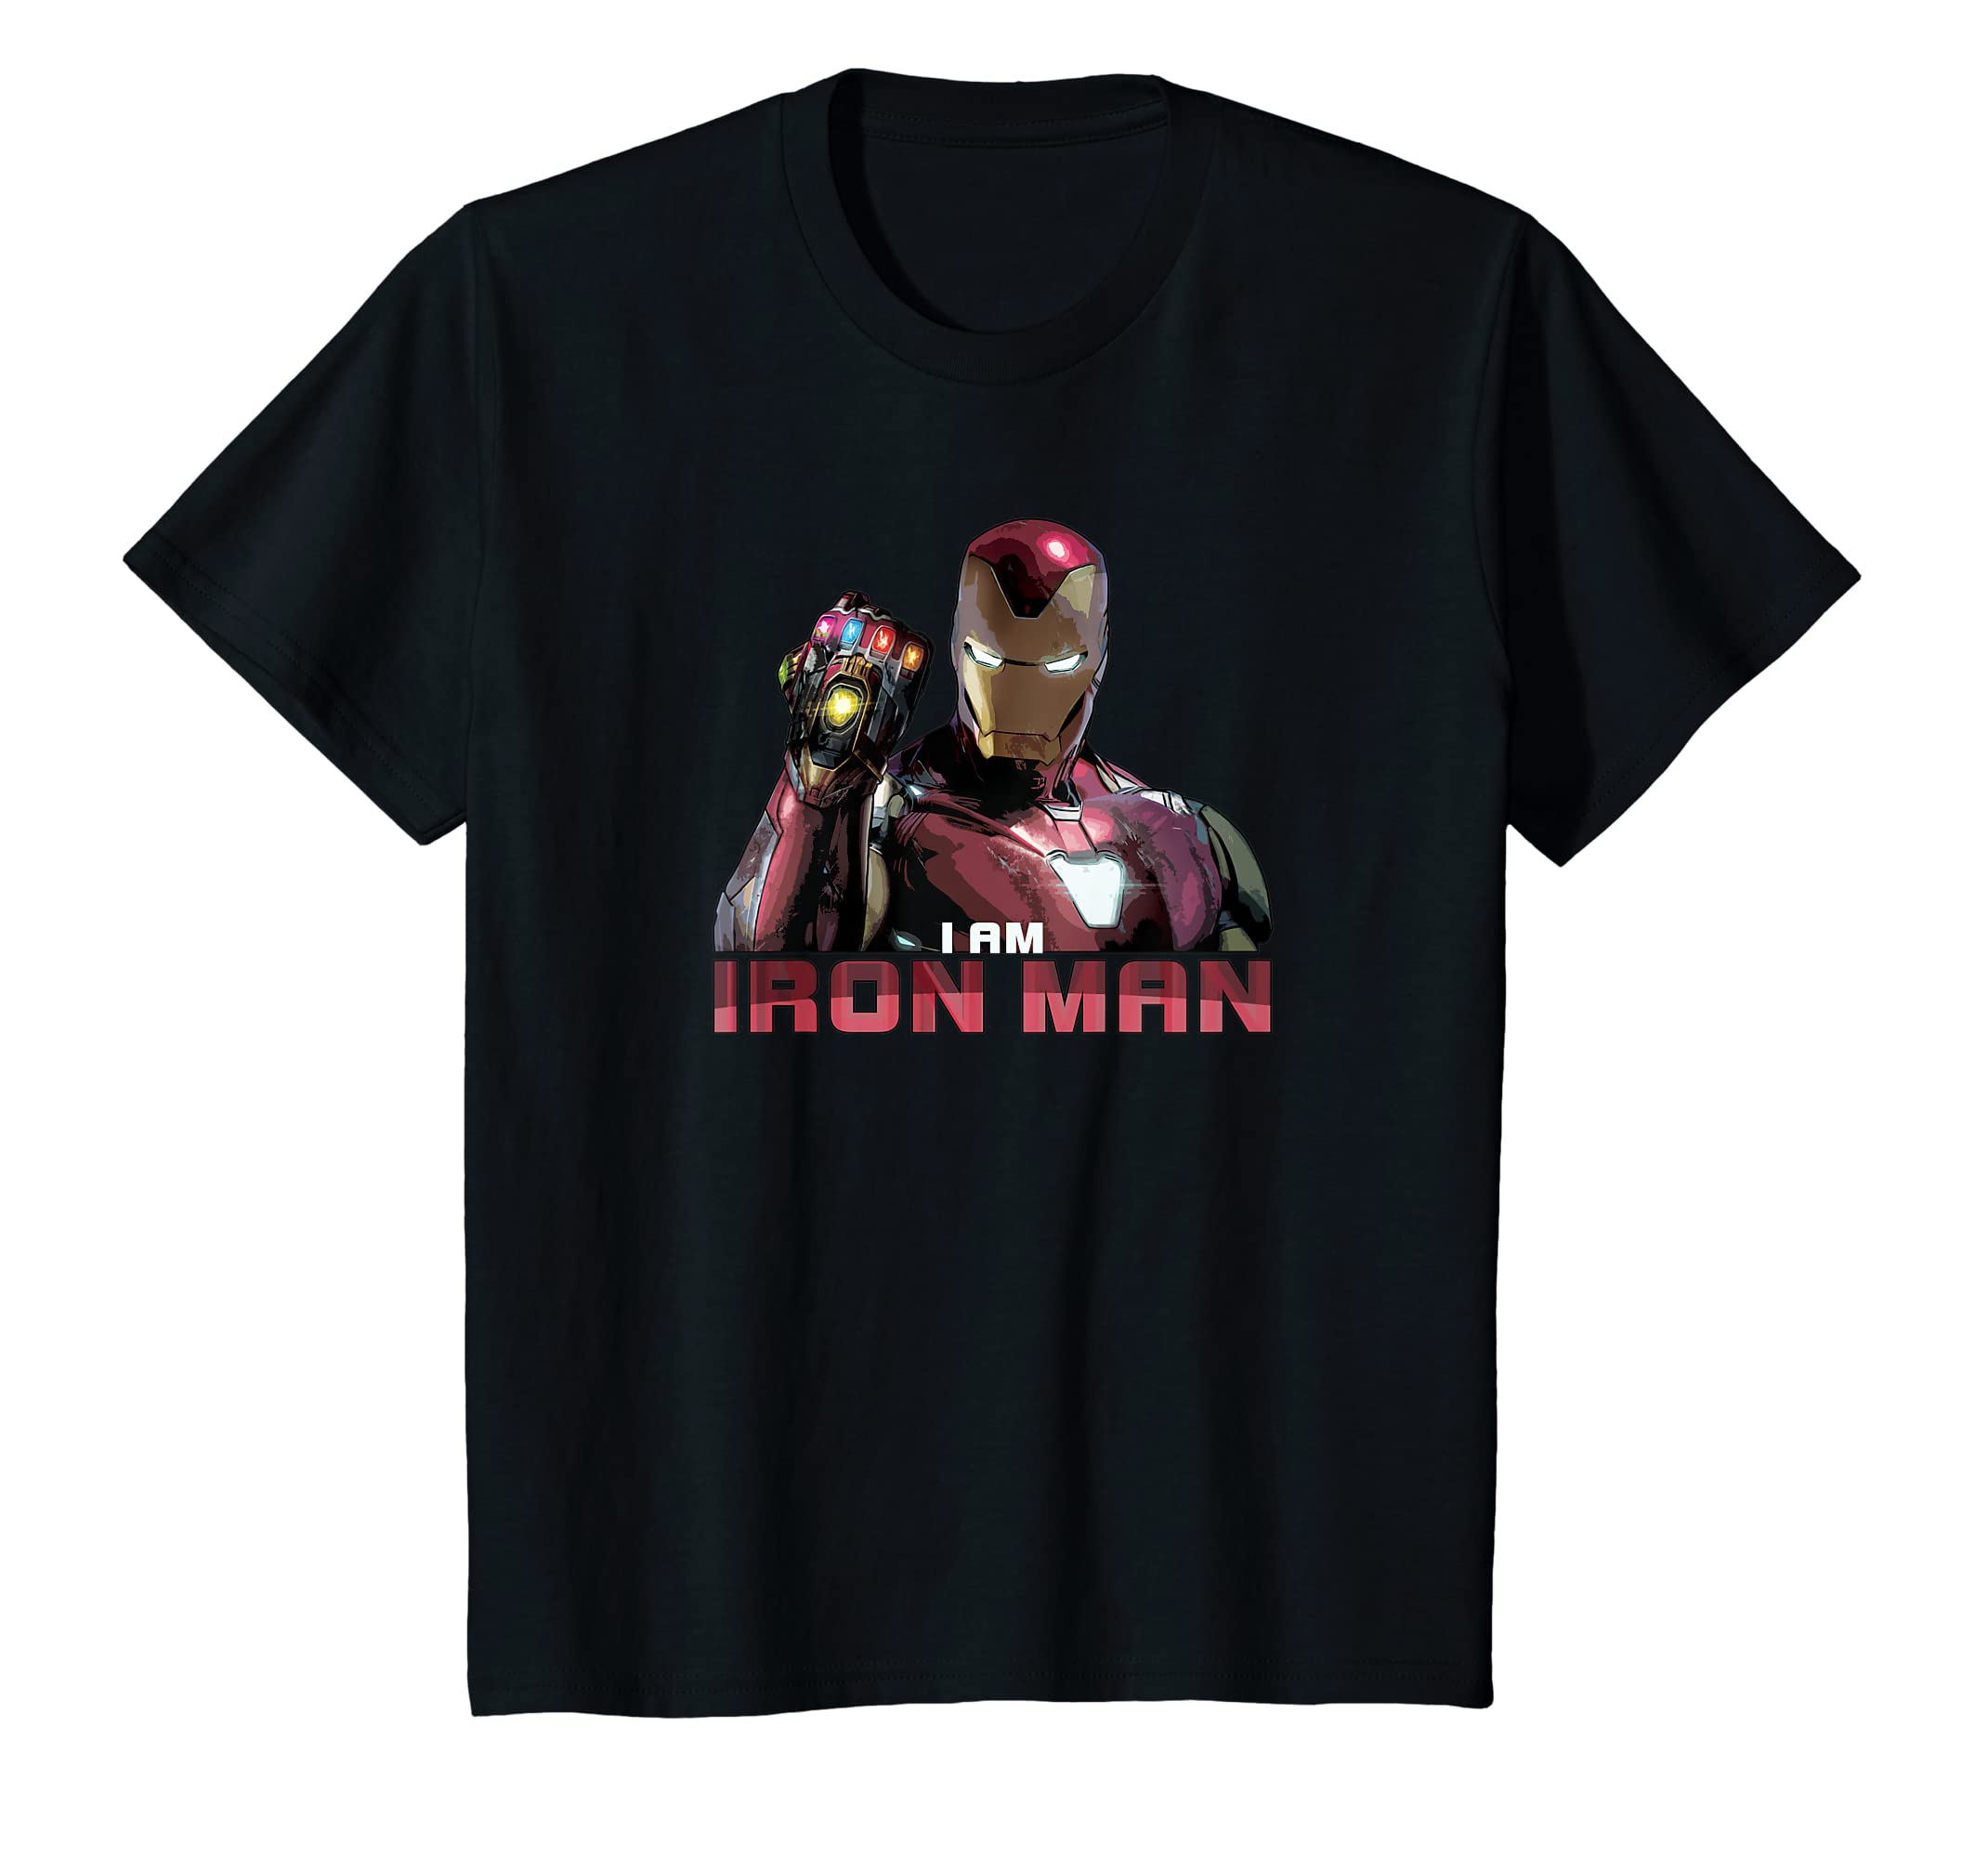 6c8b70f4 Amazon.com: Marvel Avengers: Endgame I am Iron Man T-Shirt: Clothing